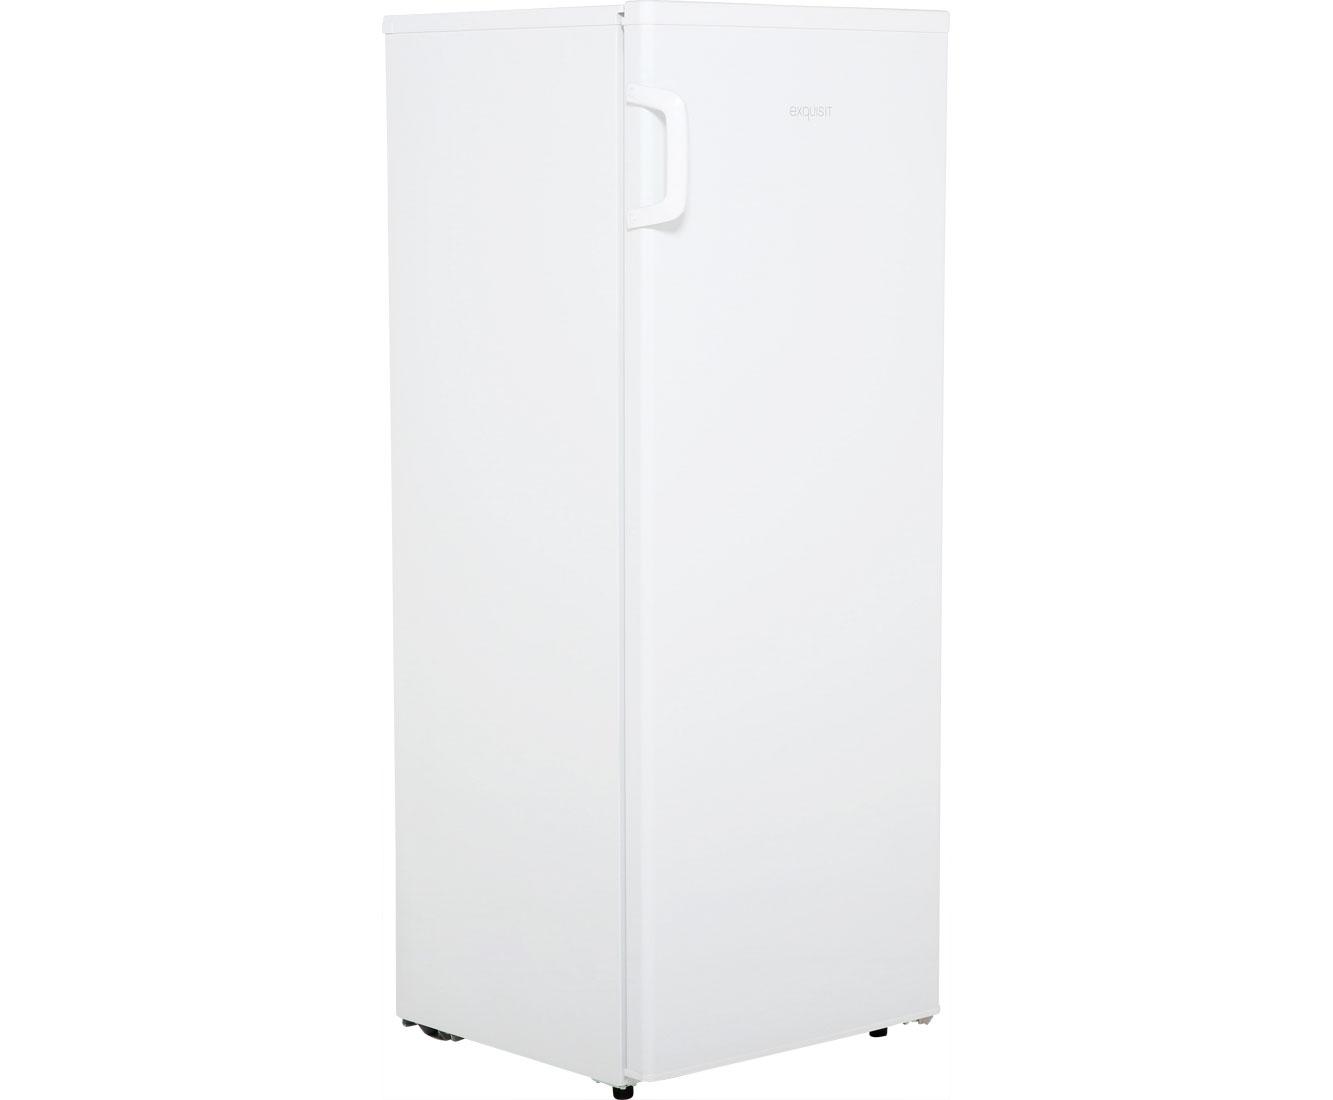 Smeg Kühlschrank Laute Geräusche : Kühlschrank dekorfähig a preisvergleich u die besten angebote